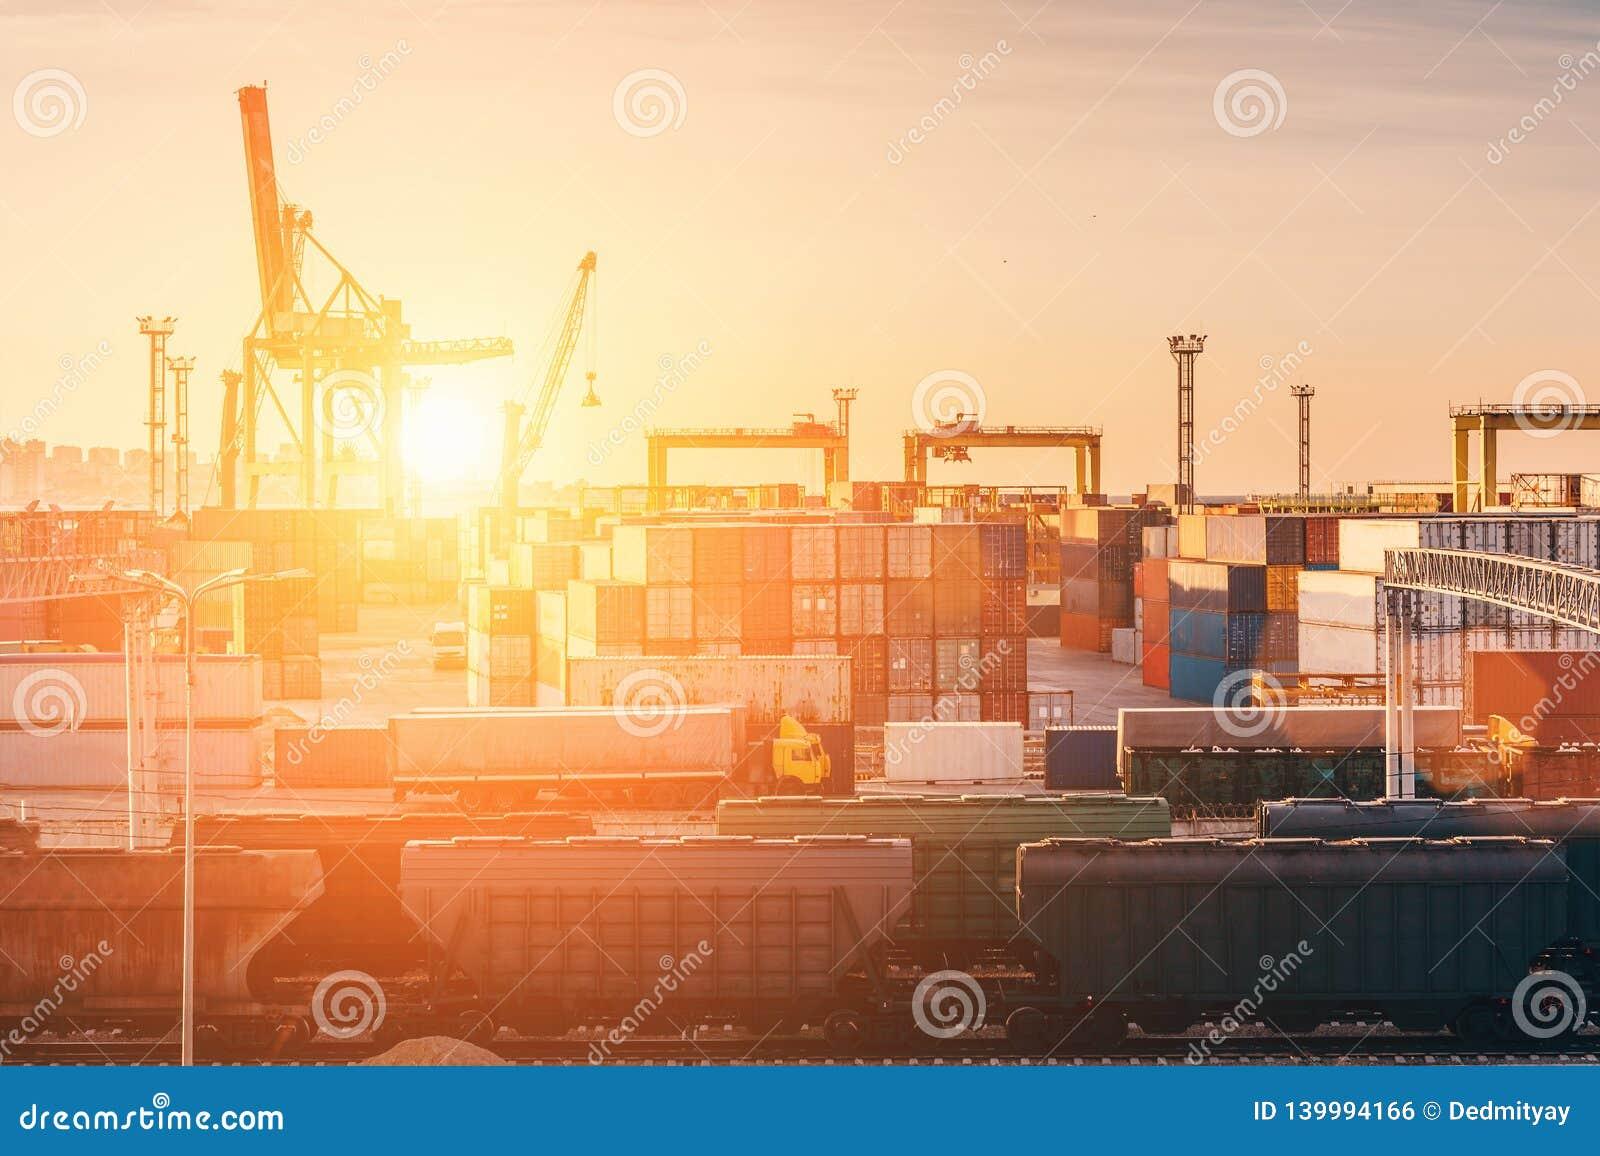 Frakta trans.havsport för import- och exportgods i lastbehållare med kranar, logistisk terminal för industriell affär